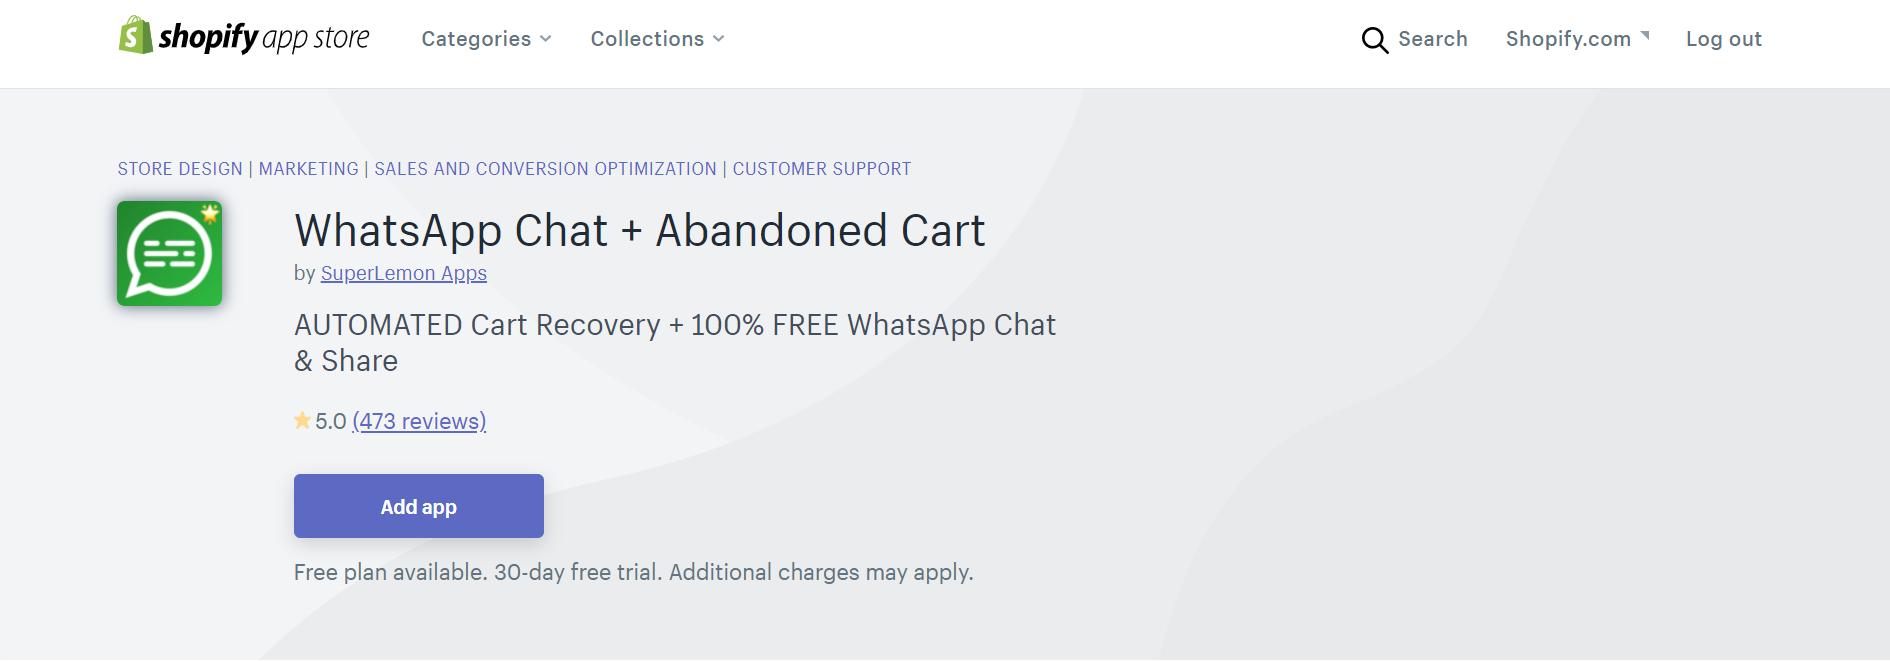 WhatsApp Chat + Abandoned Cart